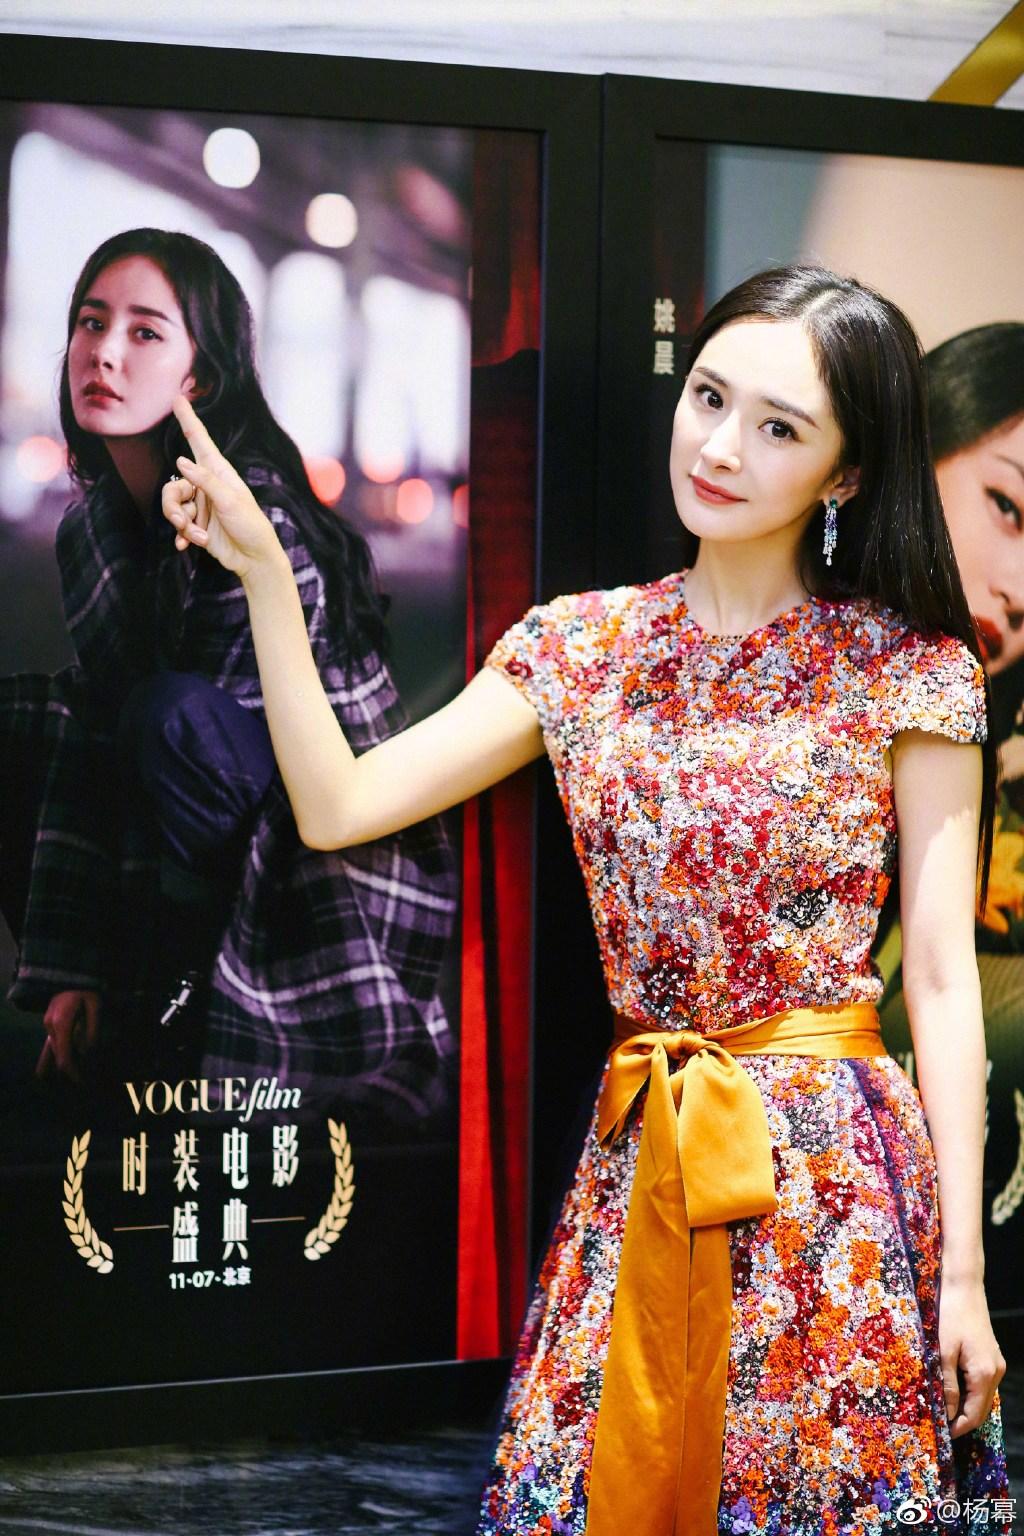 Từng là a hoàn cho Lâm Tâm Như, nhưng giờ đây họ đều là những nữ hoàng rating của màn ảnh Hoa ngữ - Ảnh 4